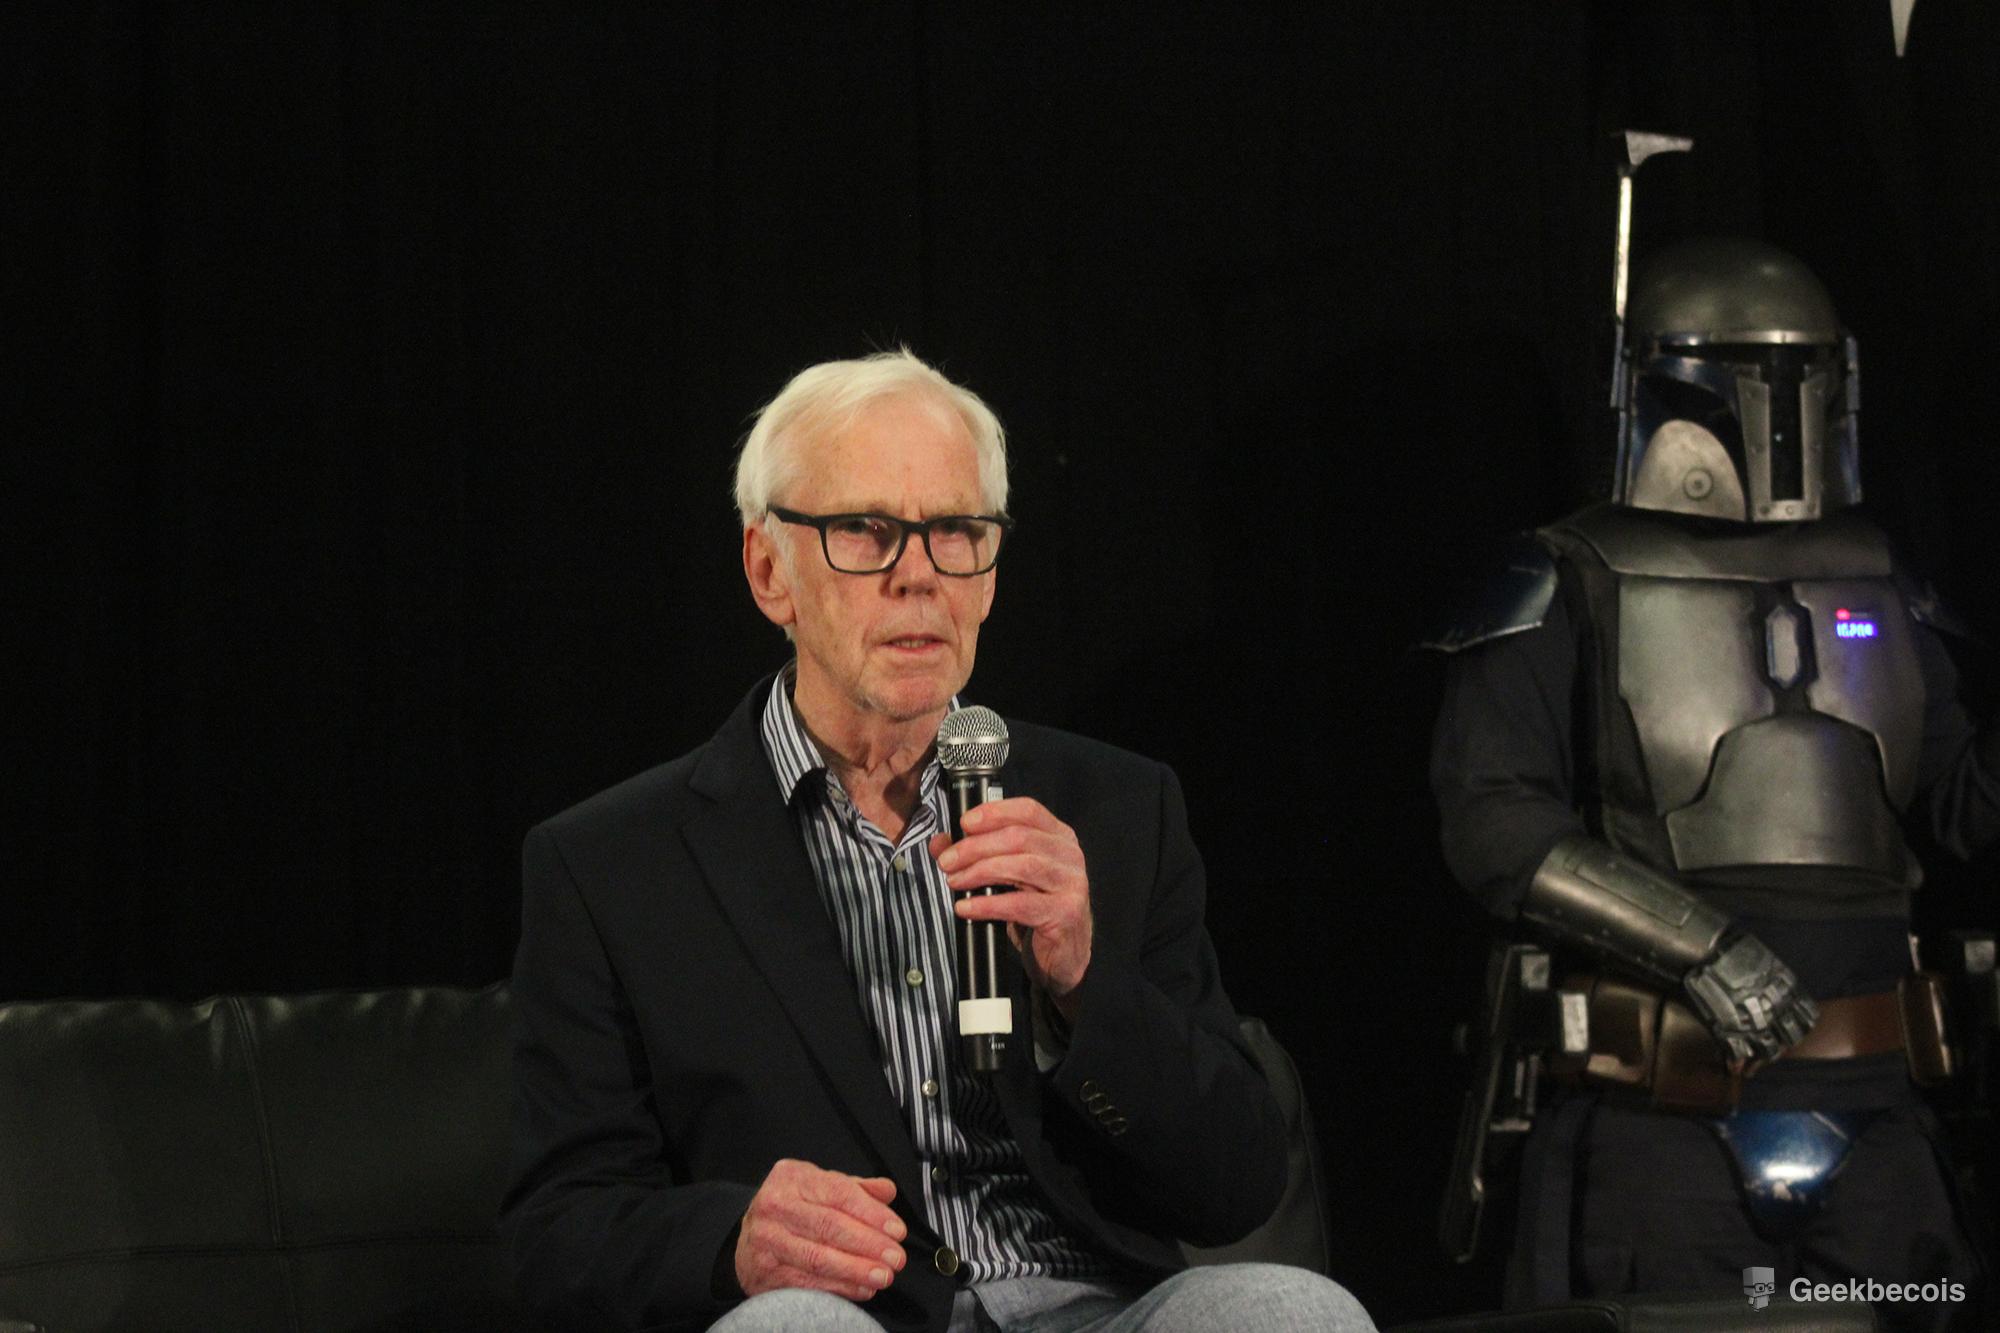 Jeremy Bulloch est bien connu des fans de la saga Star Wars, étant le visage derrière le masque de Boba Fett